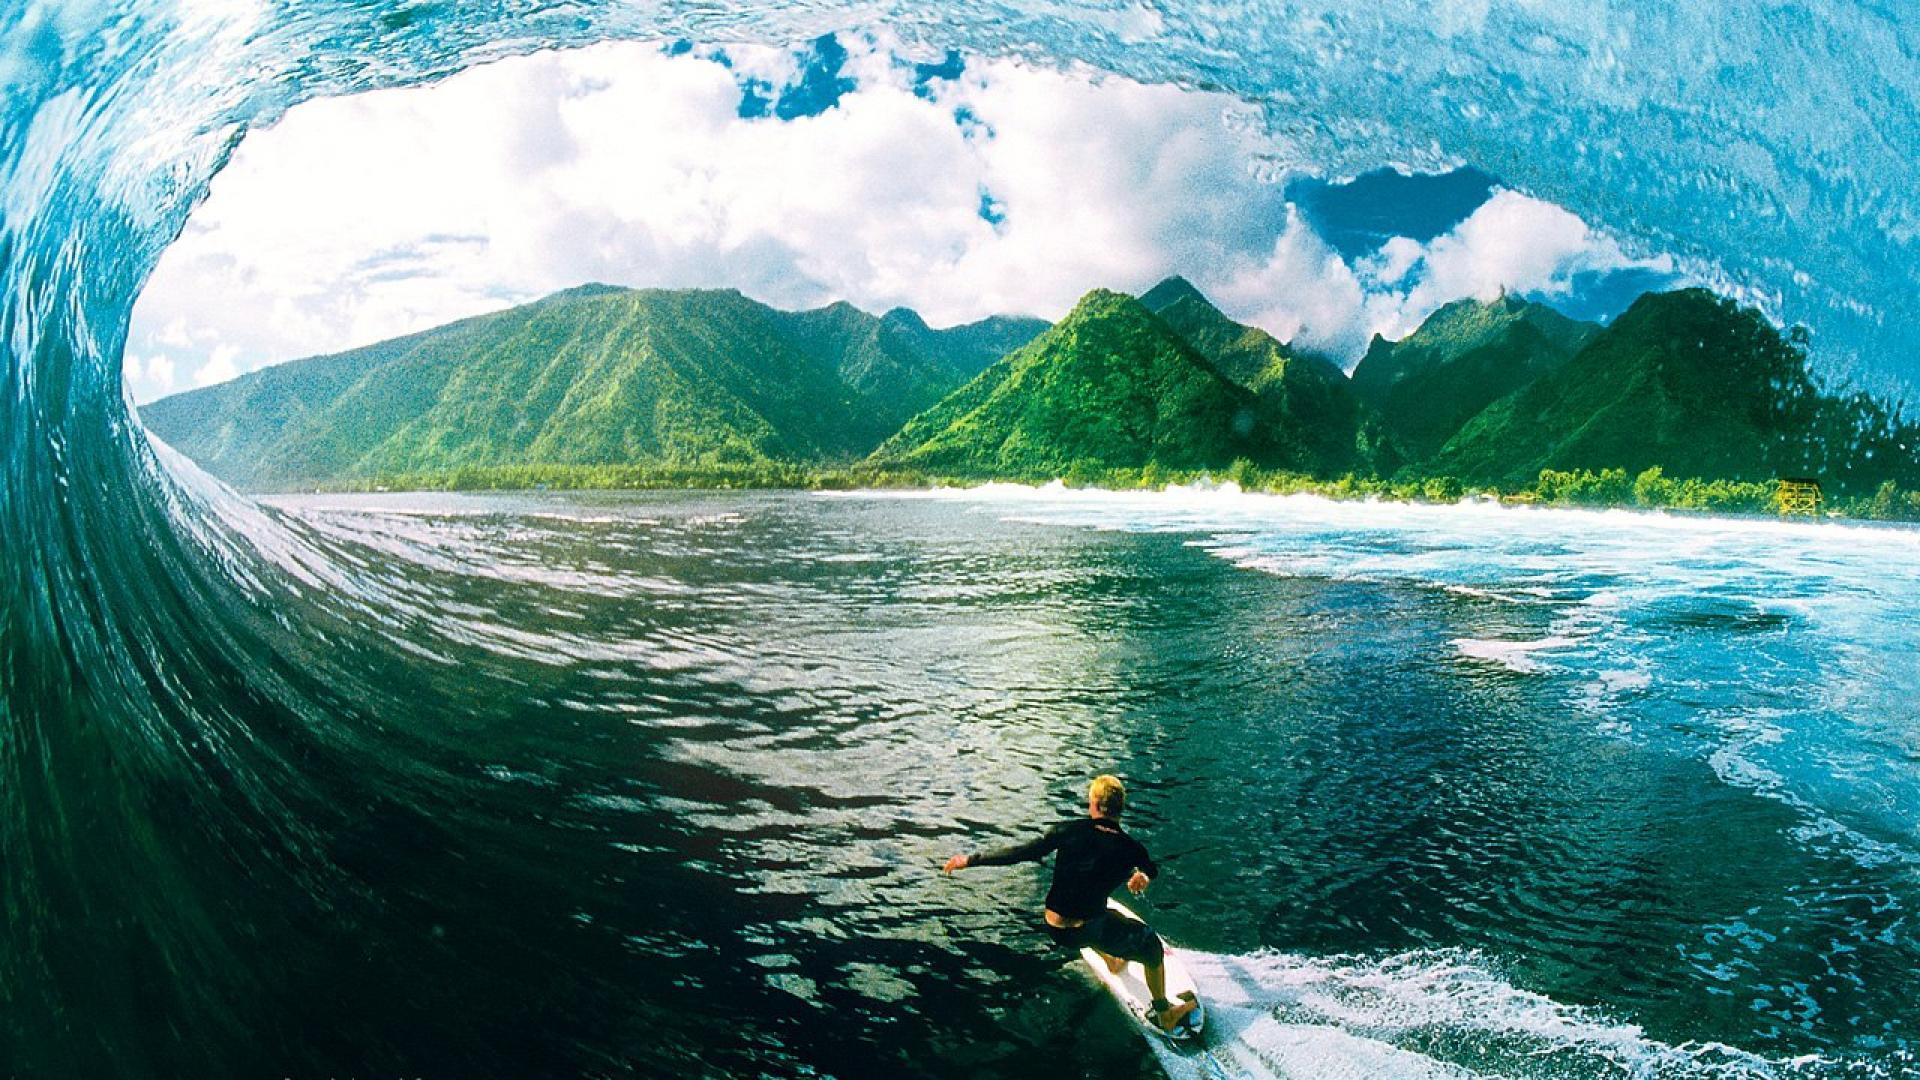 Sport surfing wallpaper 1920x1080 121959 WallpaperUP 1920x1080